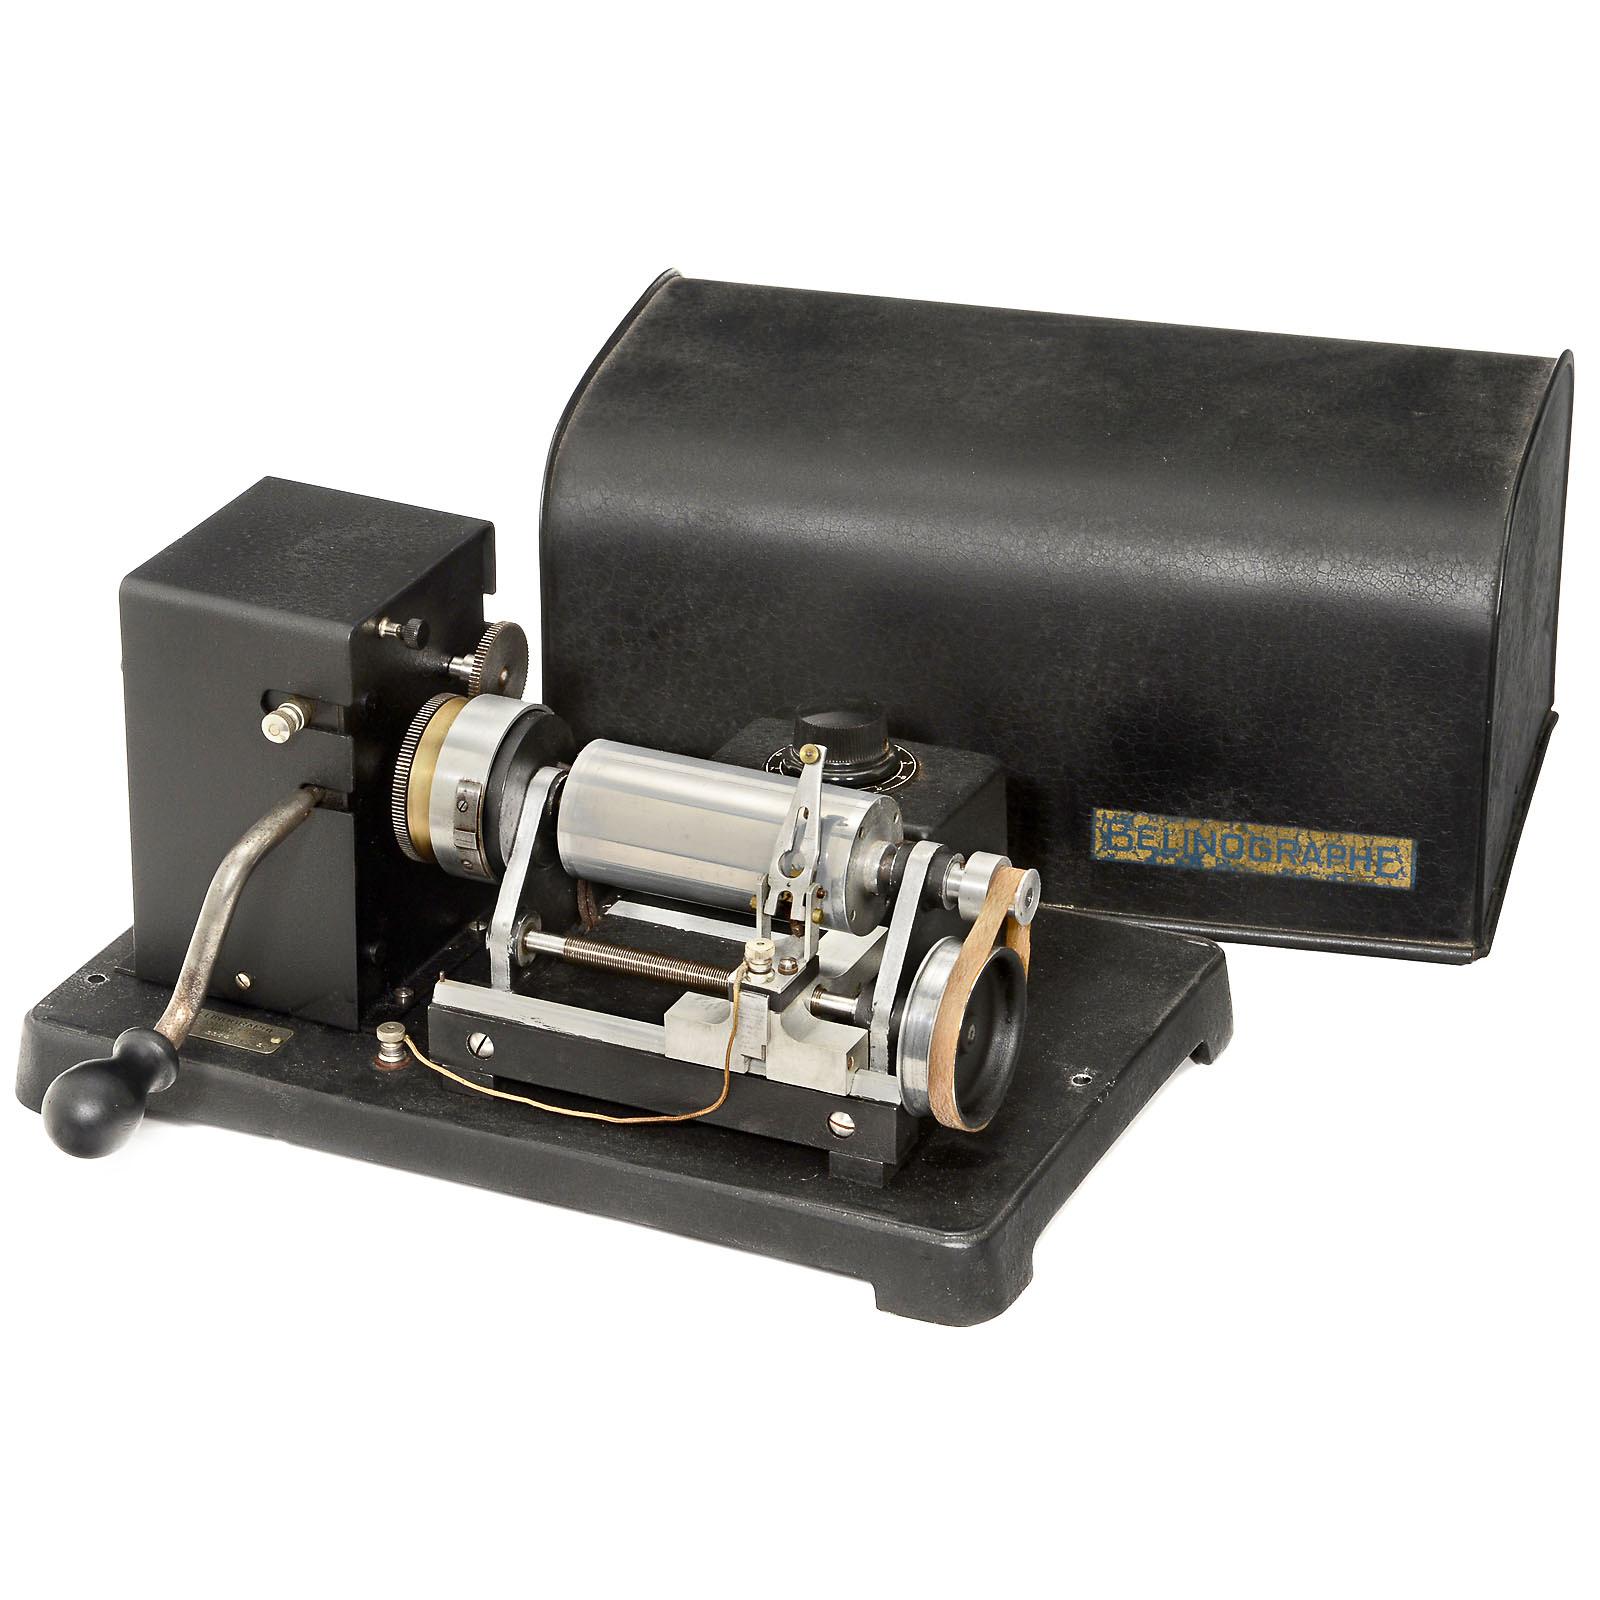 original fax machine